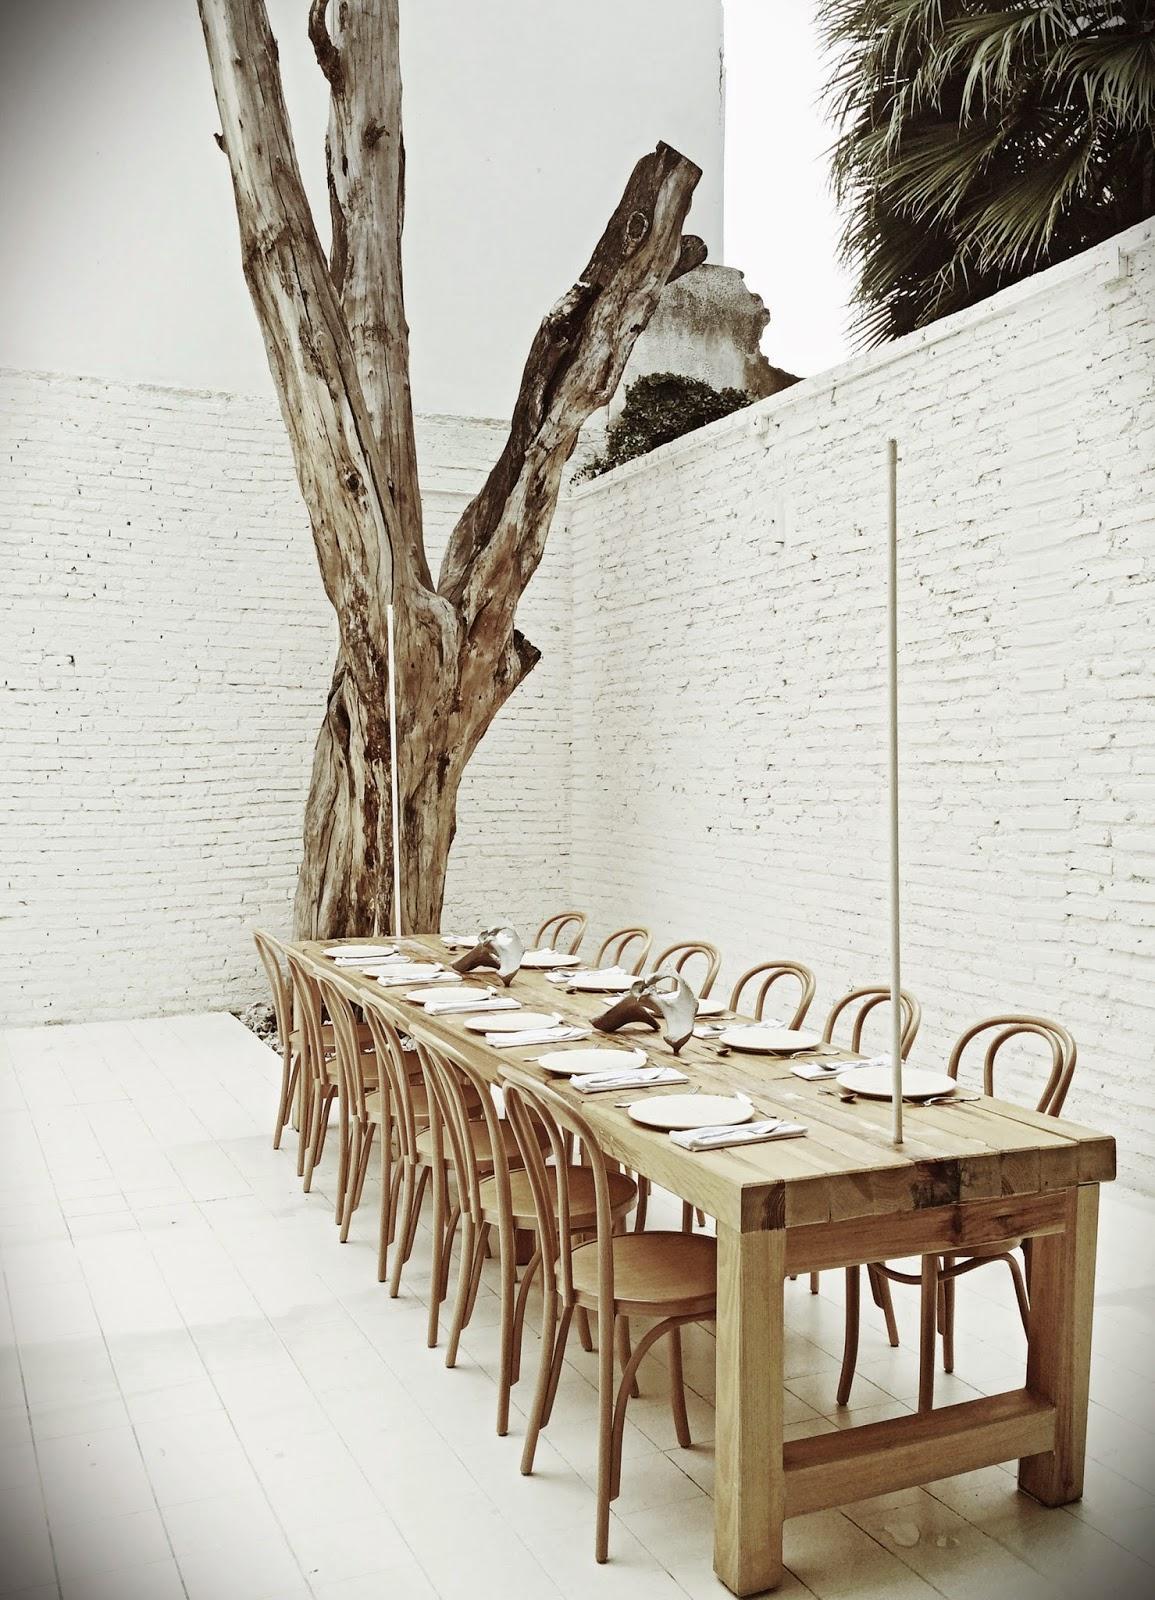 gaya-interior-dan-dekorasi-unik-ribuan-tulang-hewan-di-rumah-makan-Hueso-018